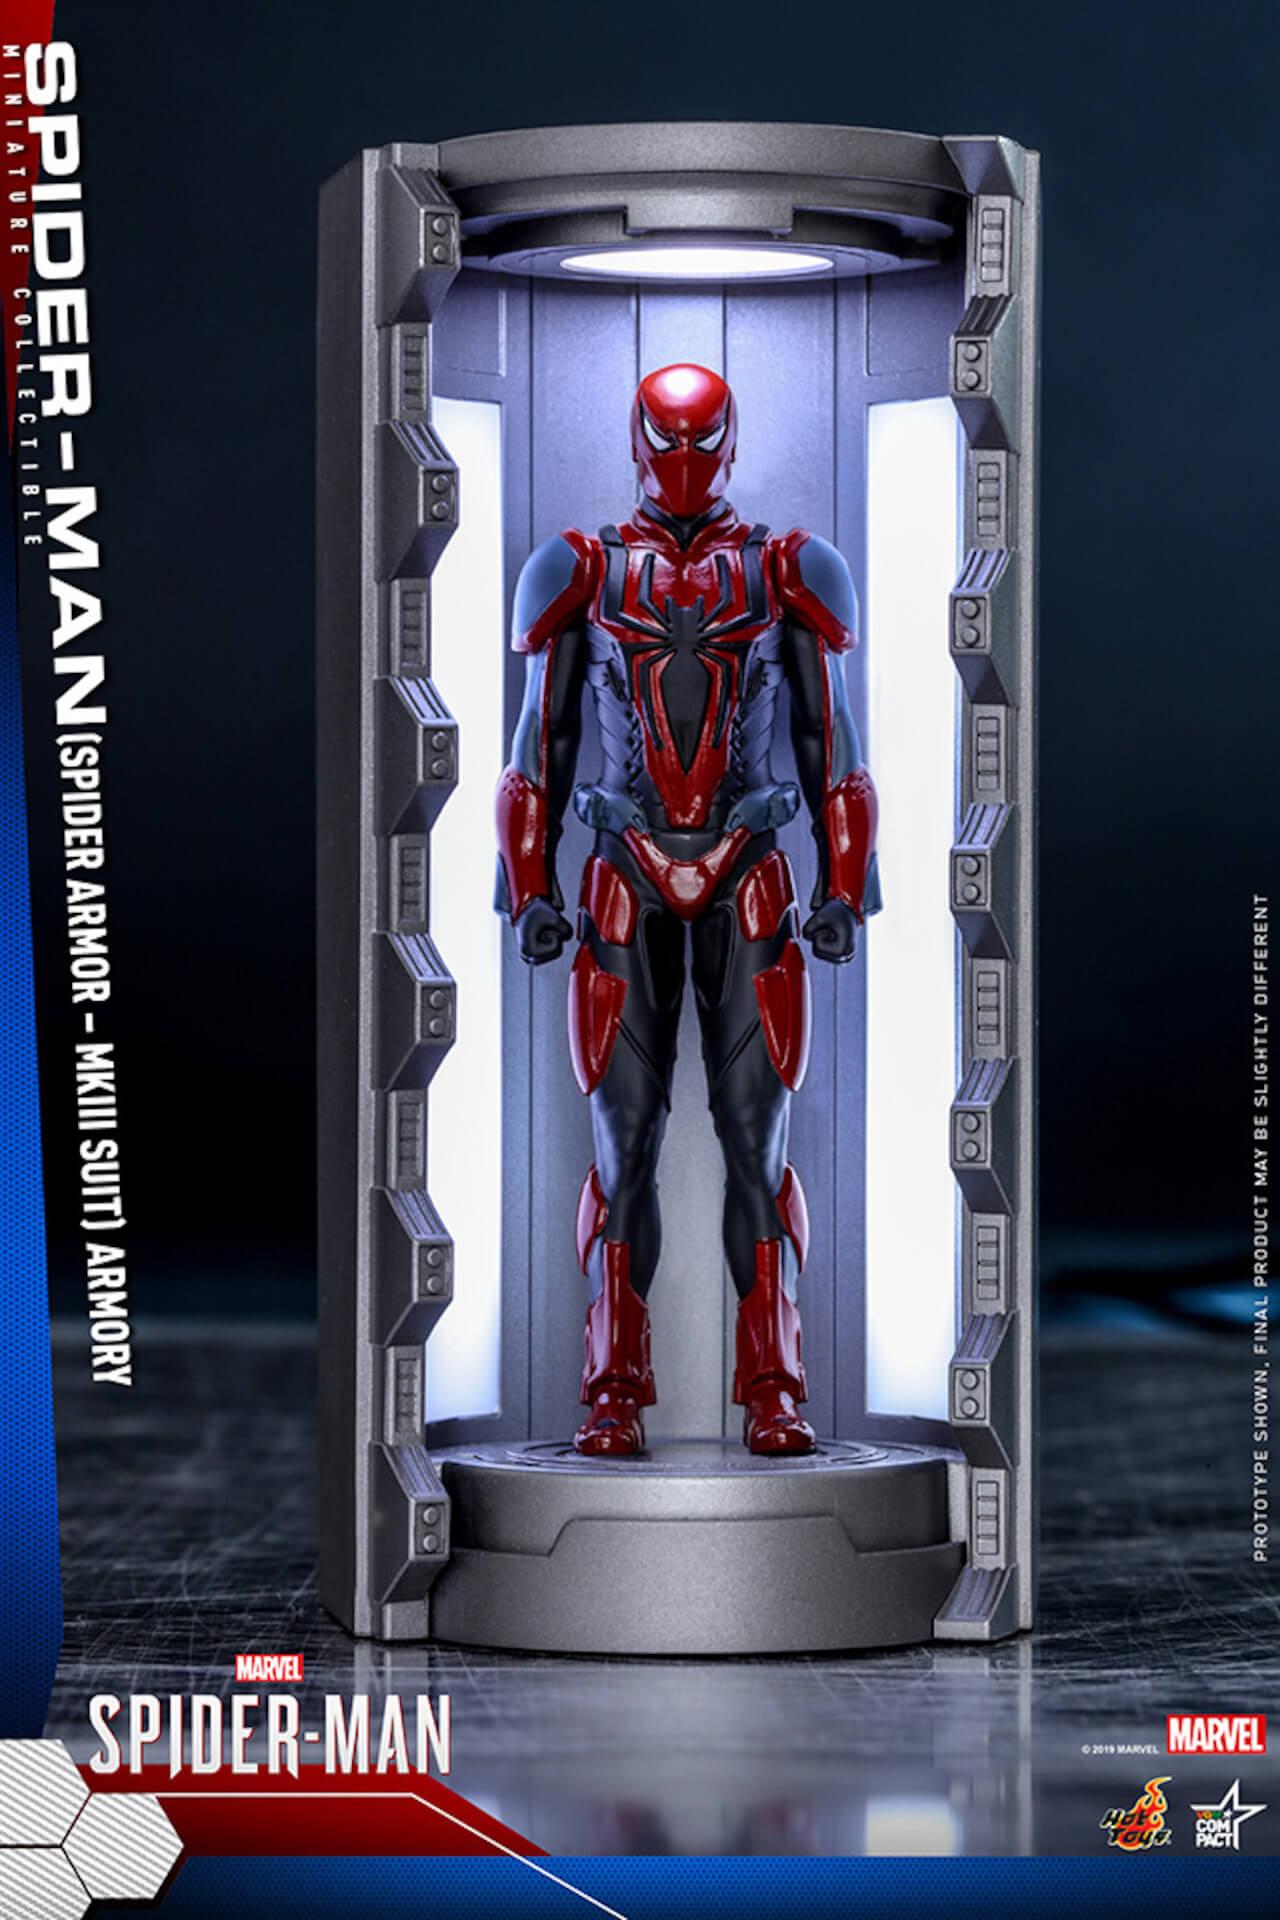 6つのスパイダーマン・スーツが勢ぞろい!大人気PS4用ゲームソフト『Marvel's Spider-Man』からミニチュア・フィギュアが登場 art200124_spiderman_hottoys_3